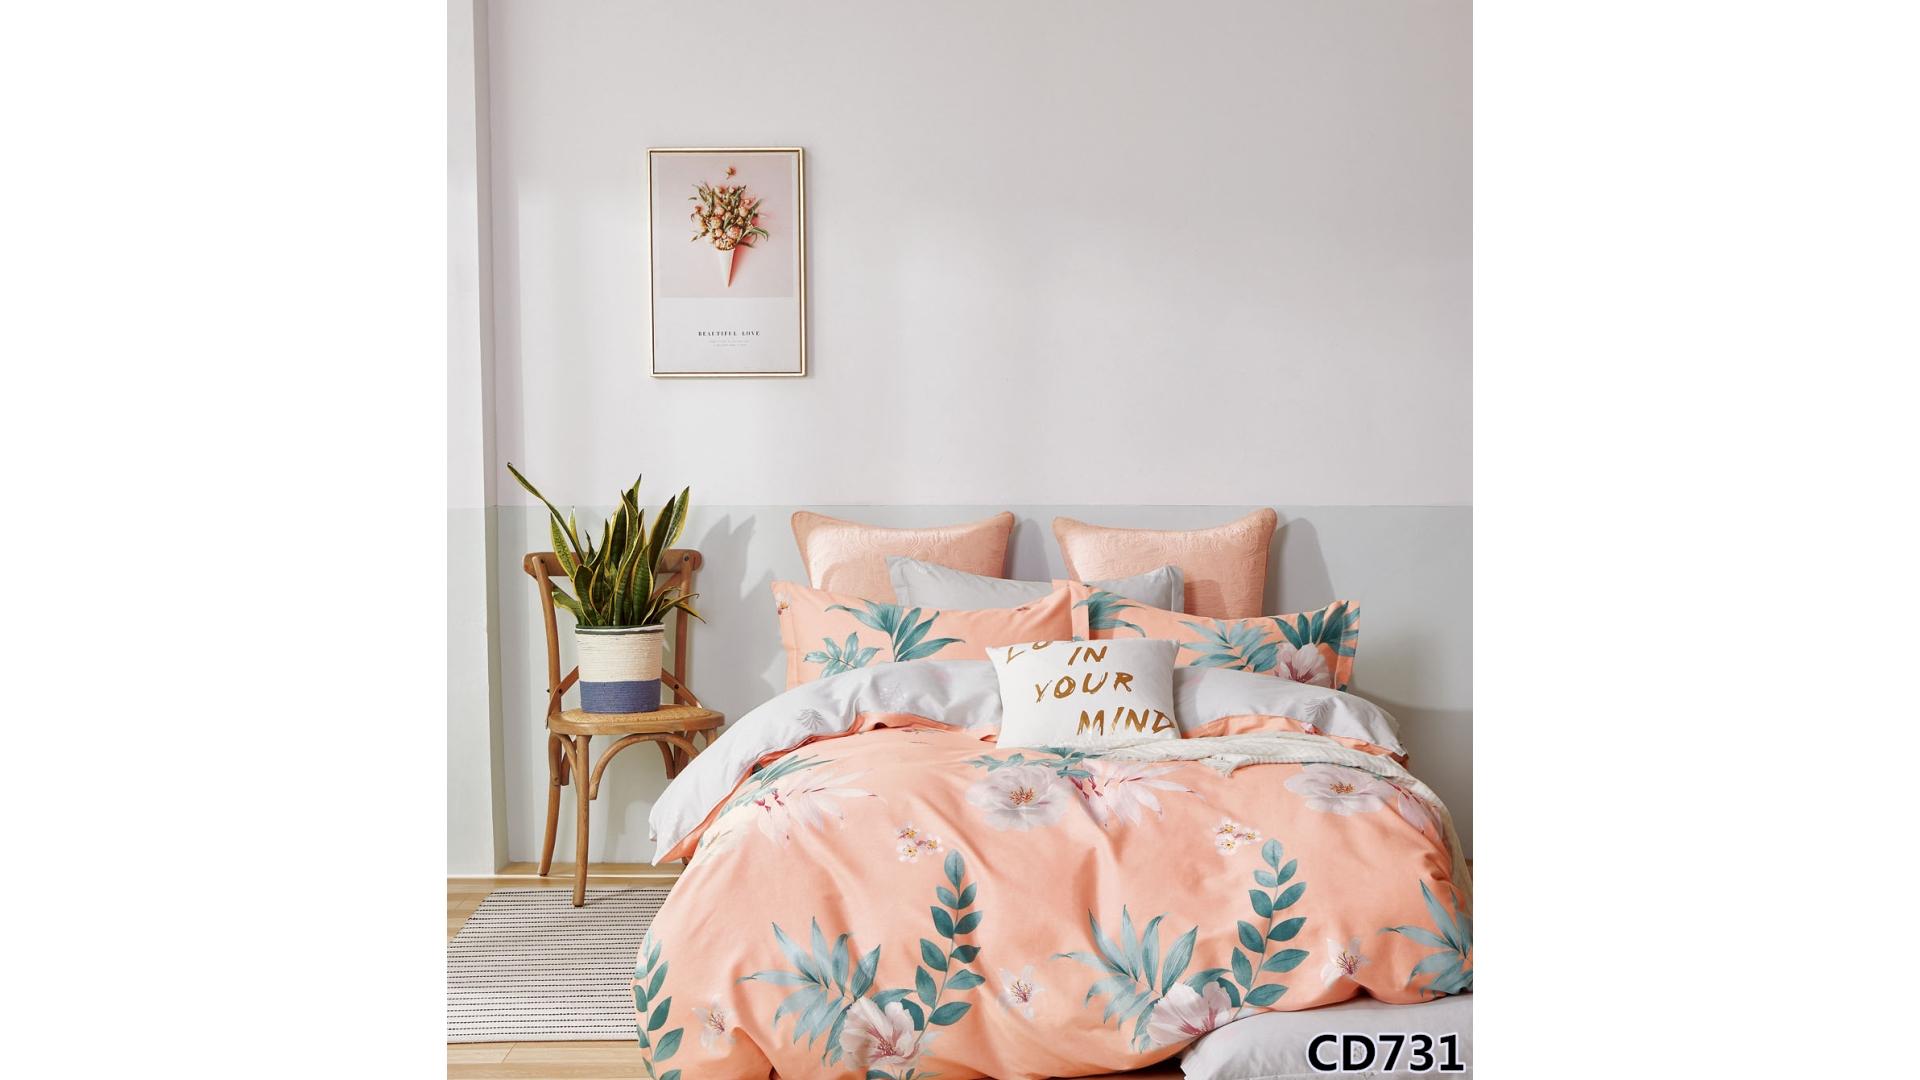 Комплект постельного белья Арлет (CD731)  фото FullHD (0)